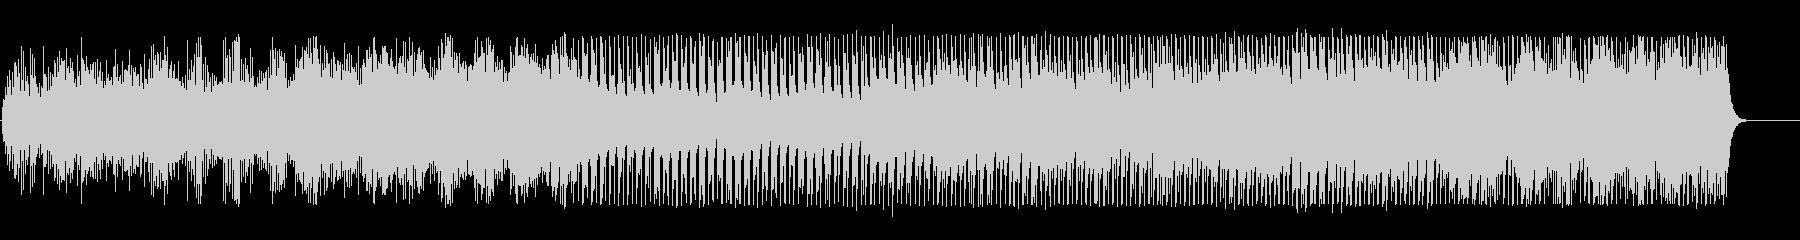 機械的なアルペジオとダンスビートの未再生の波形